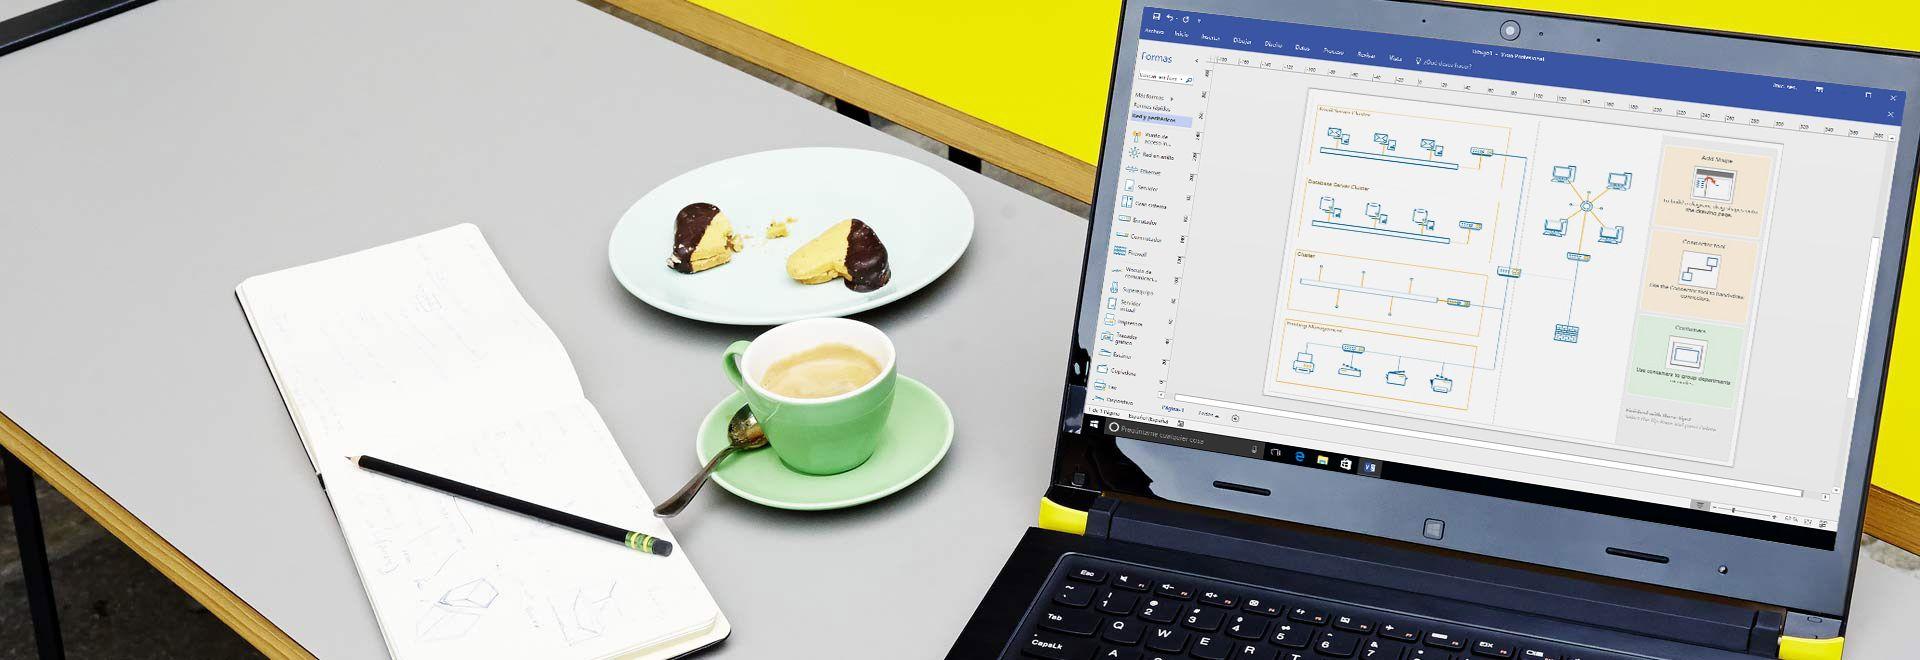 Primer plano de una portátil sobre una mesa donde se muestra un diagrama de Visio con un panel y la cinta de opciones de edición